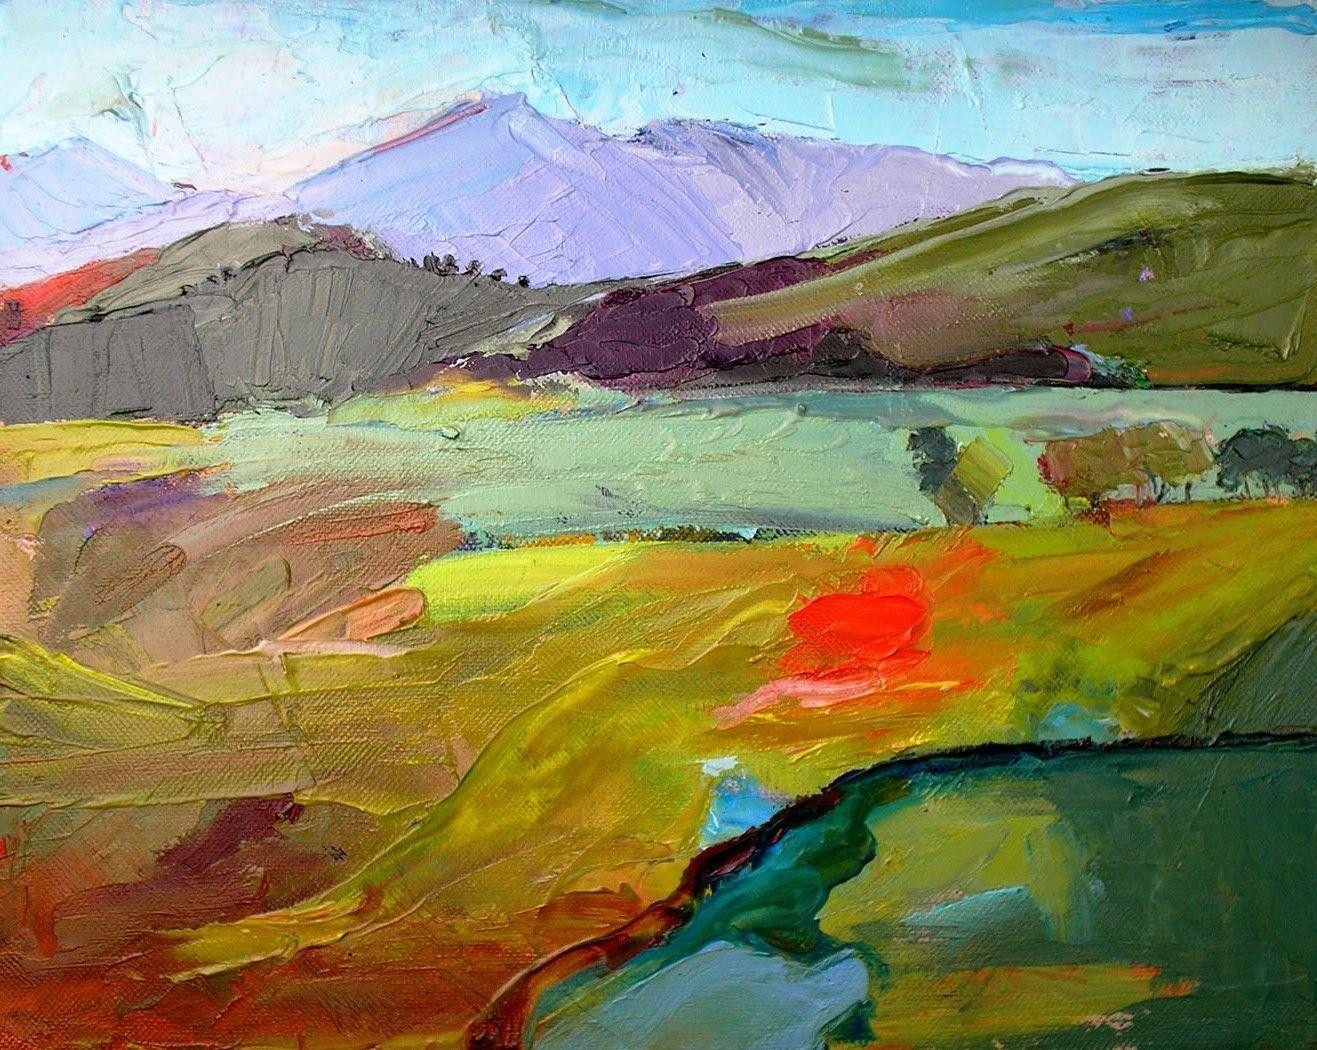 famous contemporary landscape artists | newyorkutazas.info ...